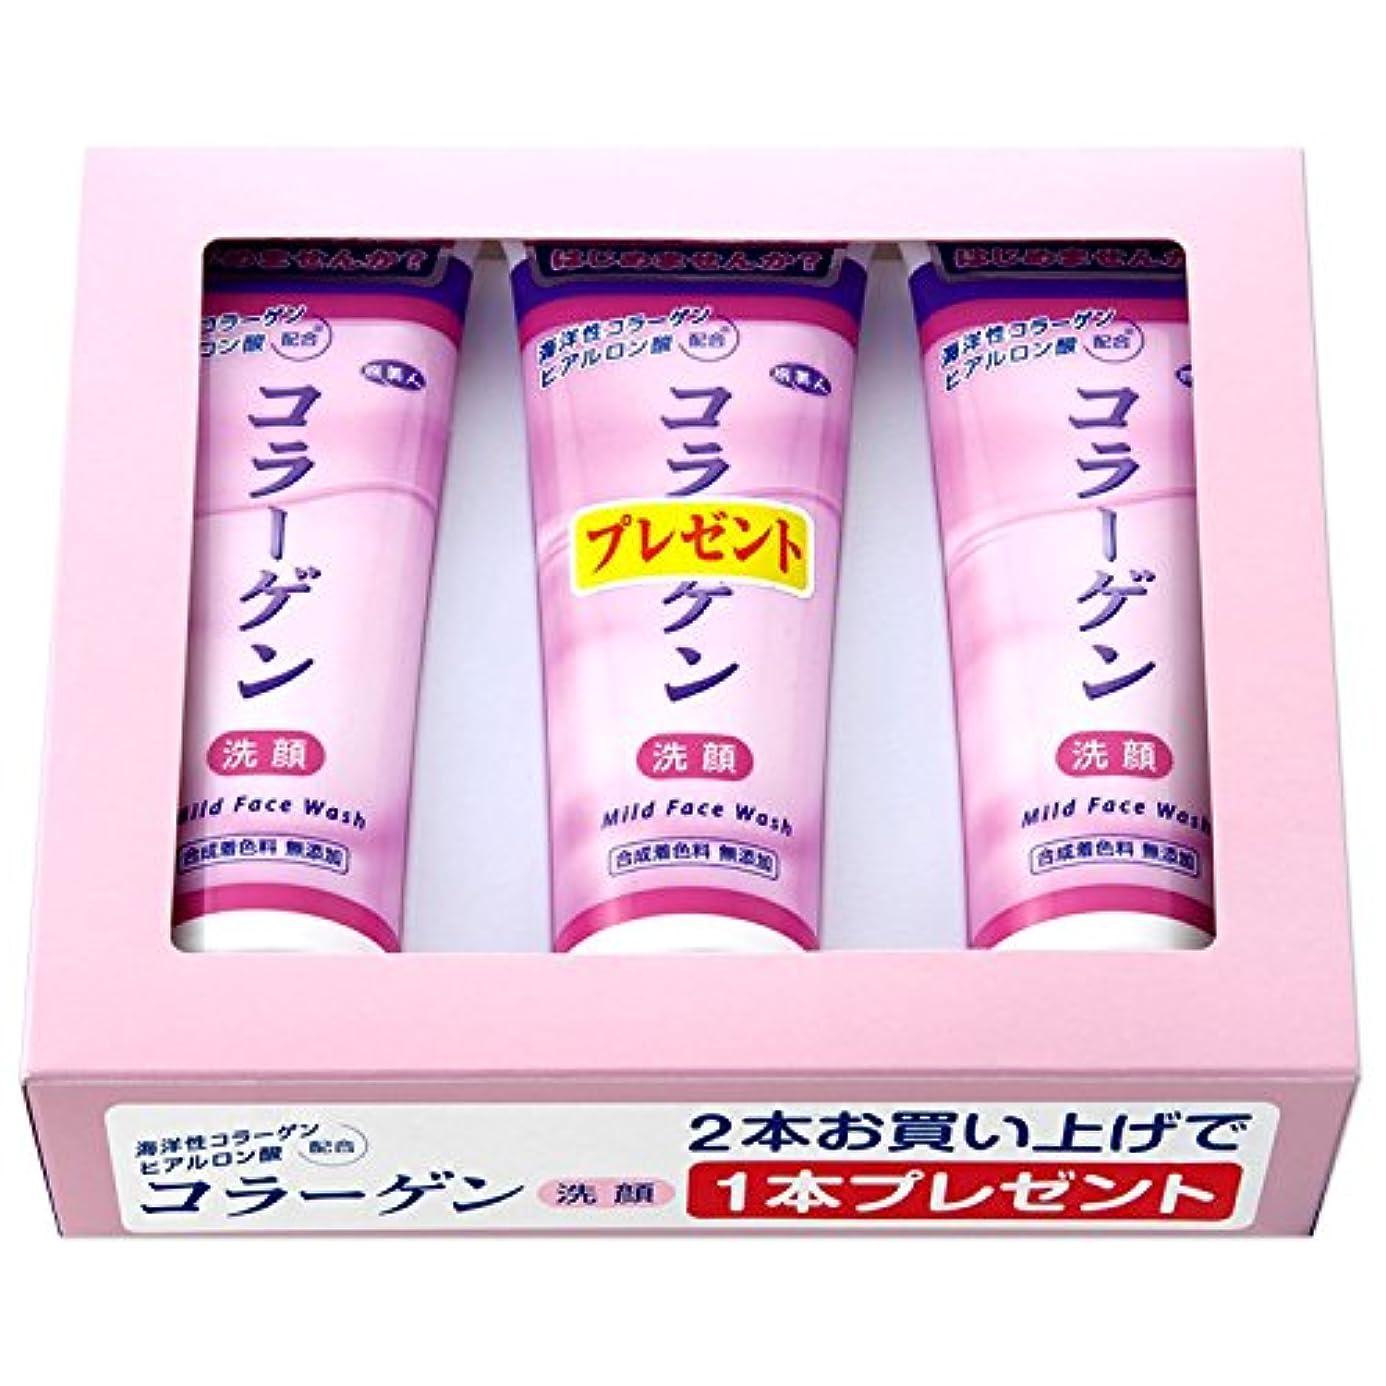 先例ファーザーファージュかんたんアズマ商事の コラーゲン洗顔クリーム お得な 2本の値段で3本入りセット